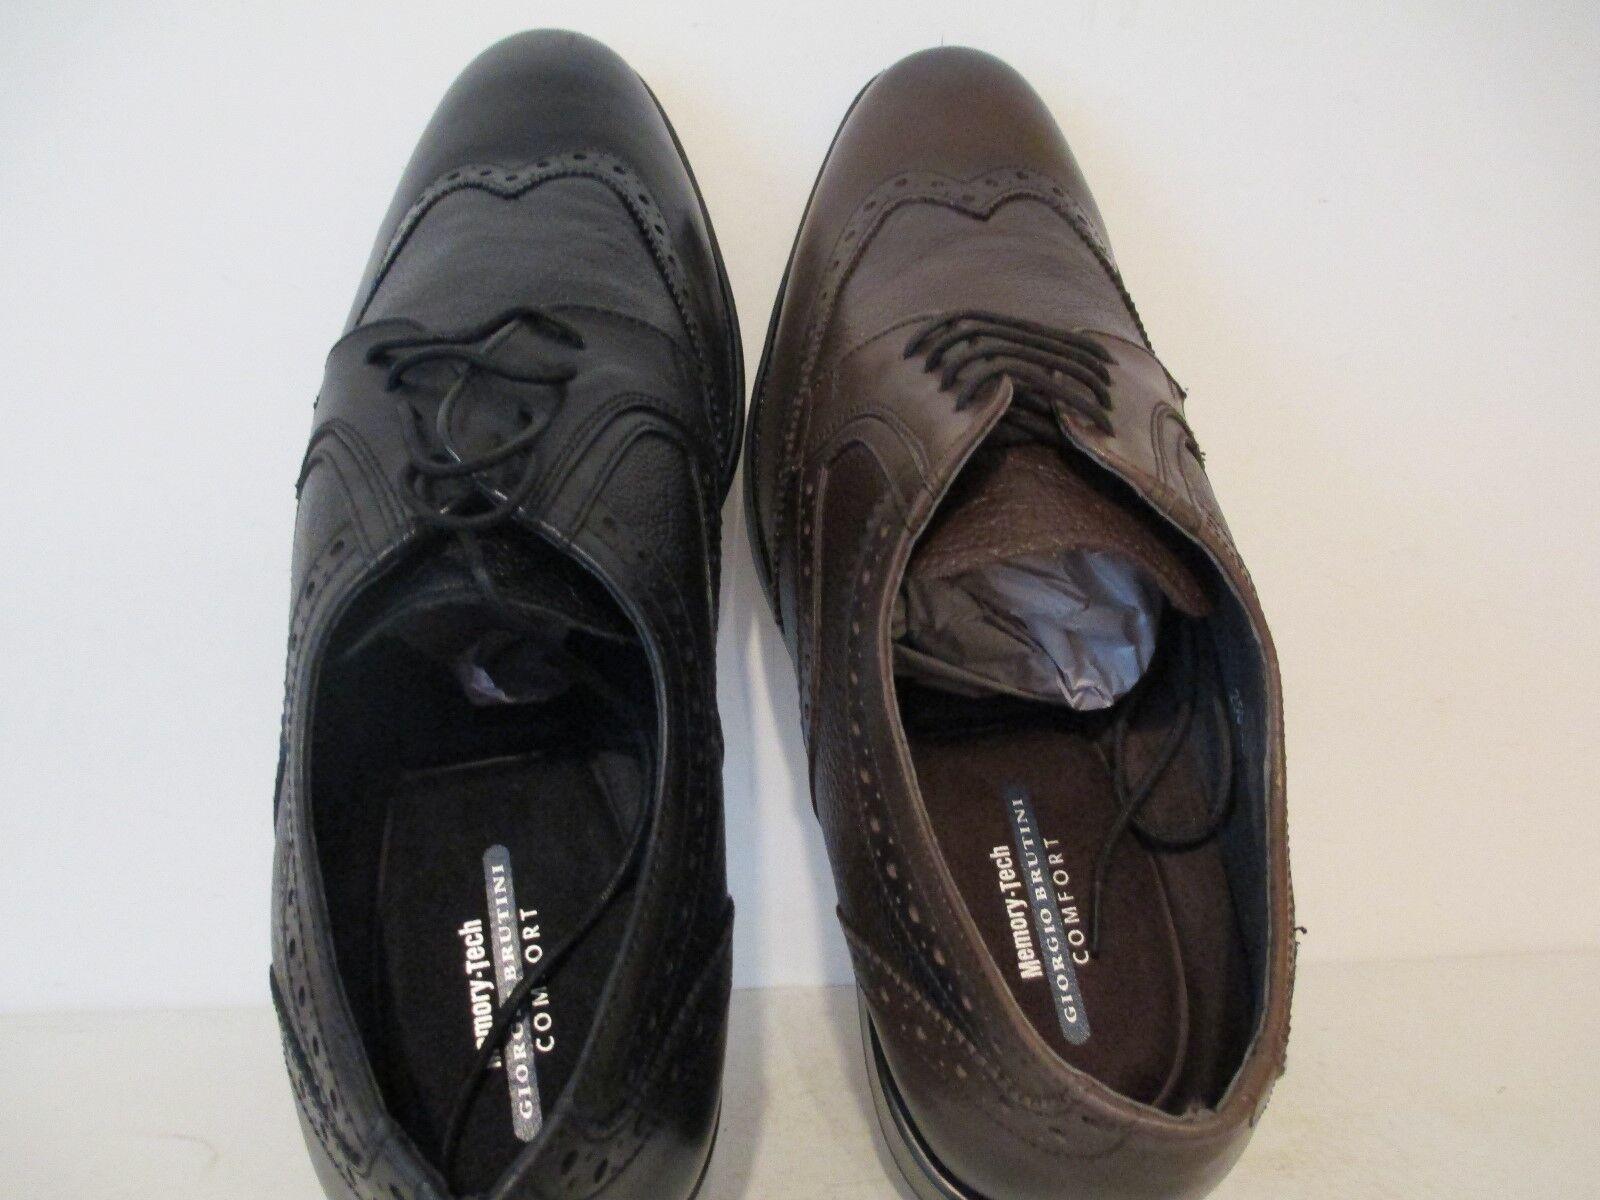 edizione limitata Giorgio Brutini Uomo Anders Leather Wingtip Tuxedo Oxfords nero nero nero Marrone Dimensione 15 M  essere molto richiesto